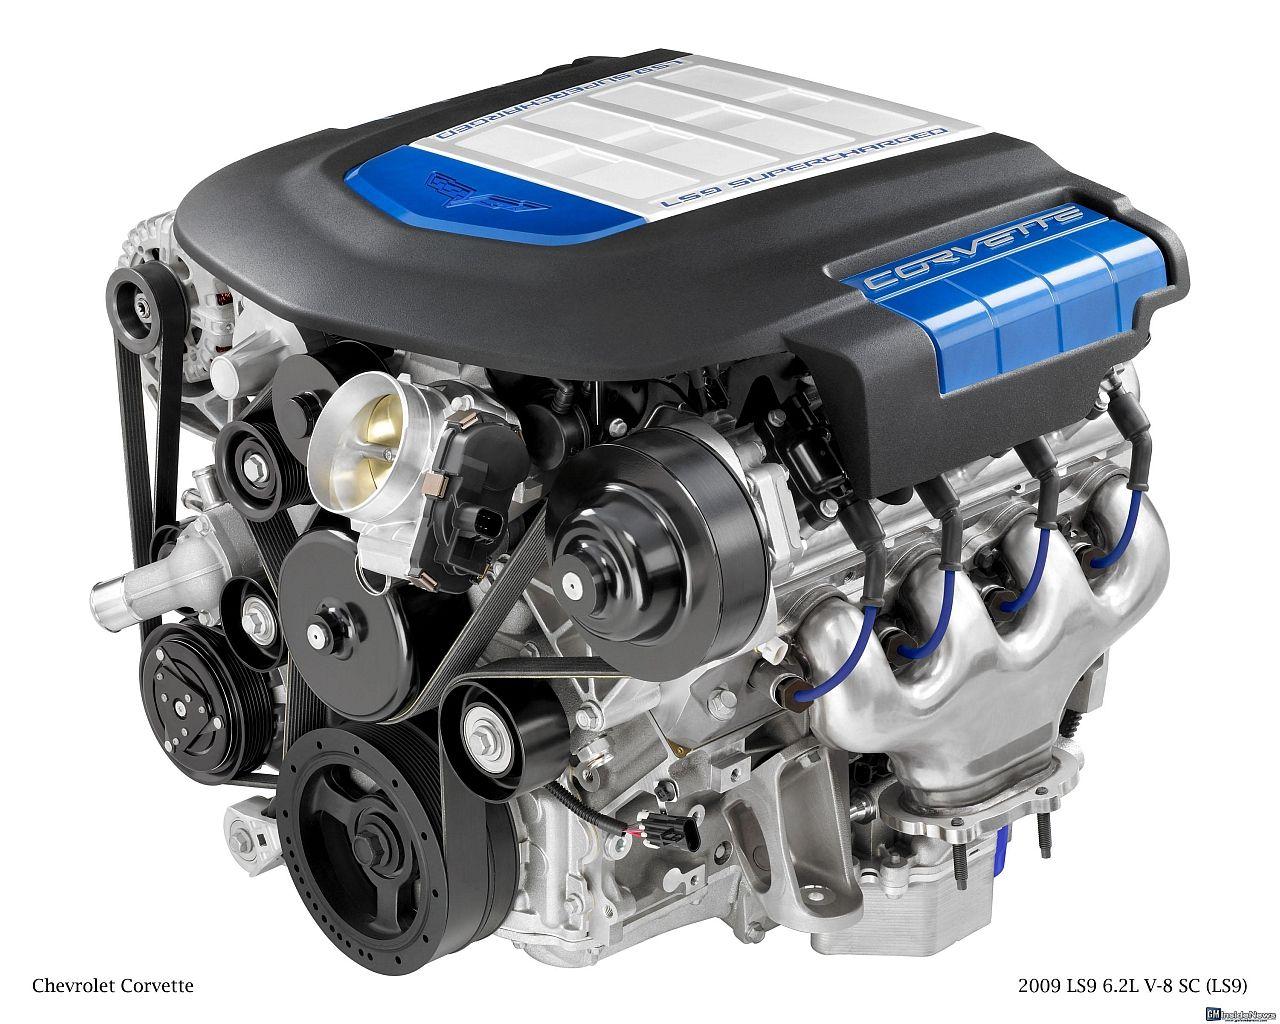 Top 10 Supercars Ever Built By Nfc Performance Corvette Zr1 Ls Engine Corvette